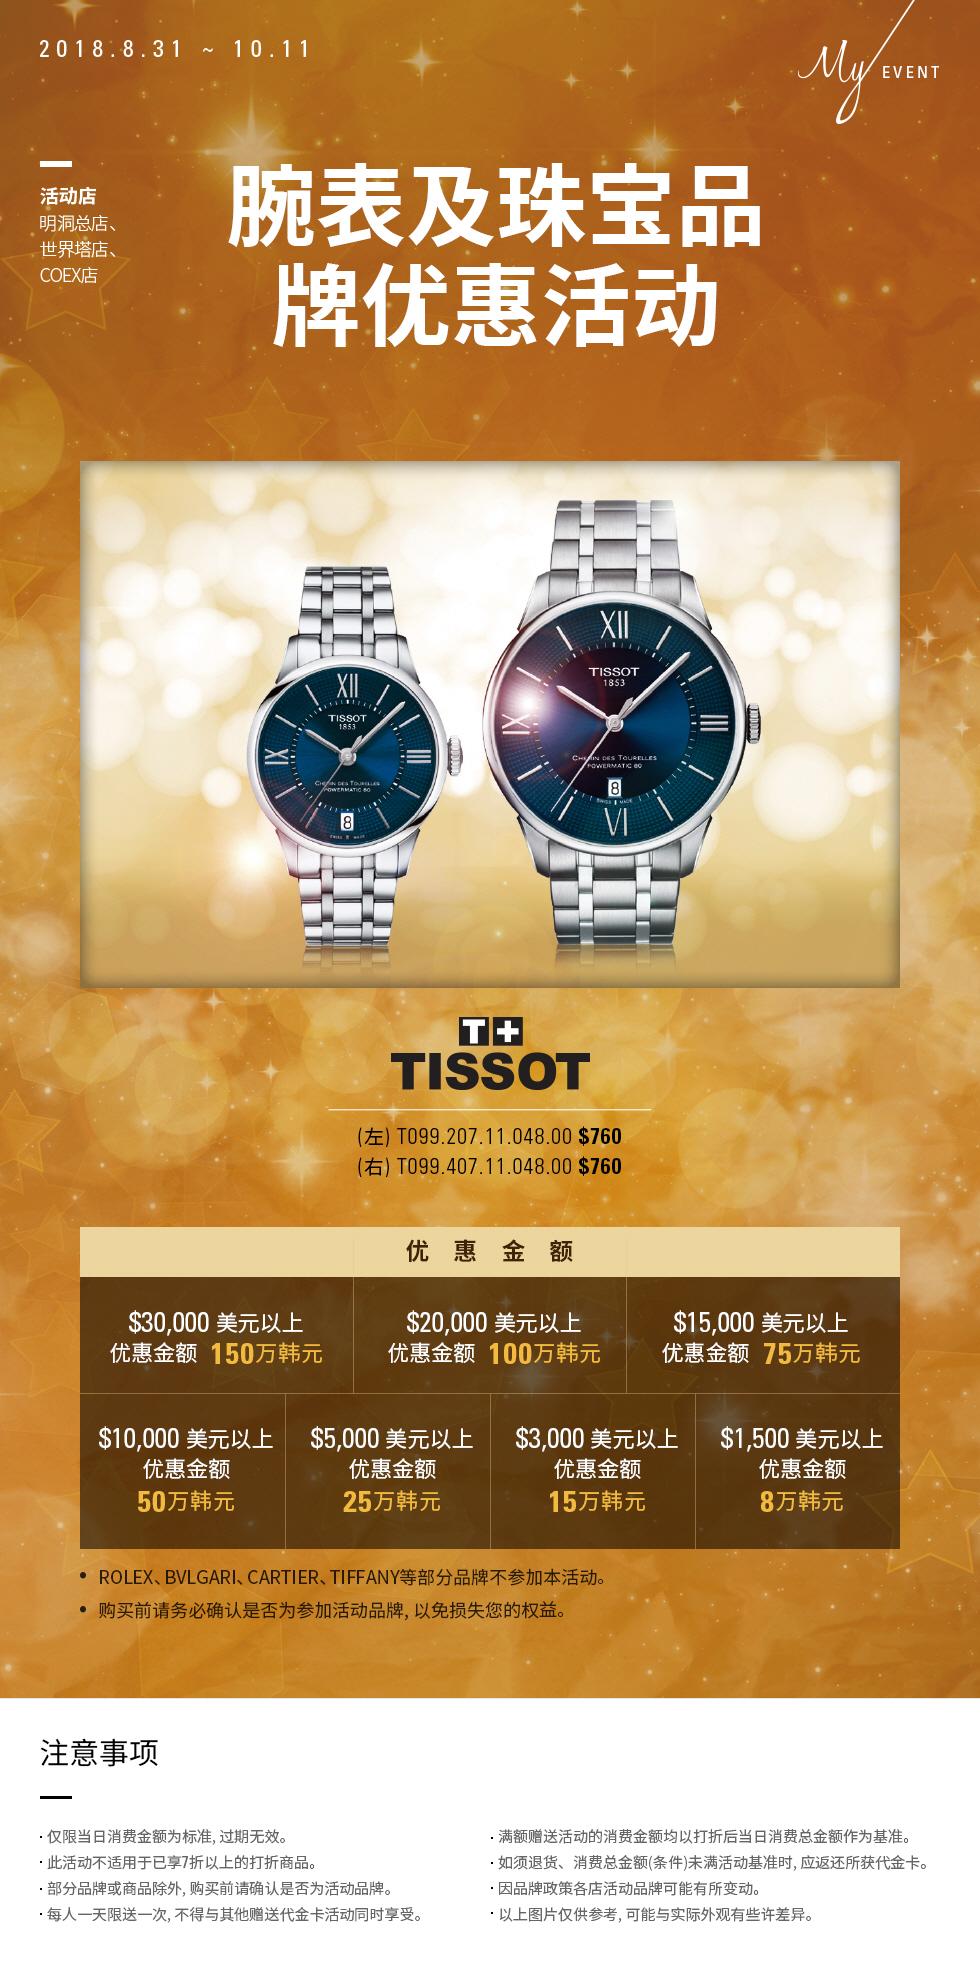 腕表及珠宝品牌优惠活动